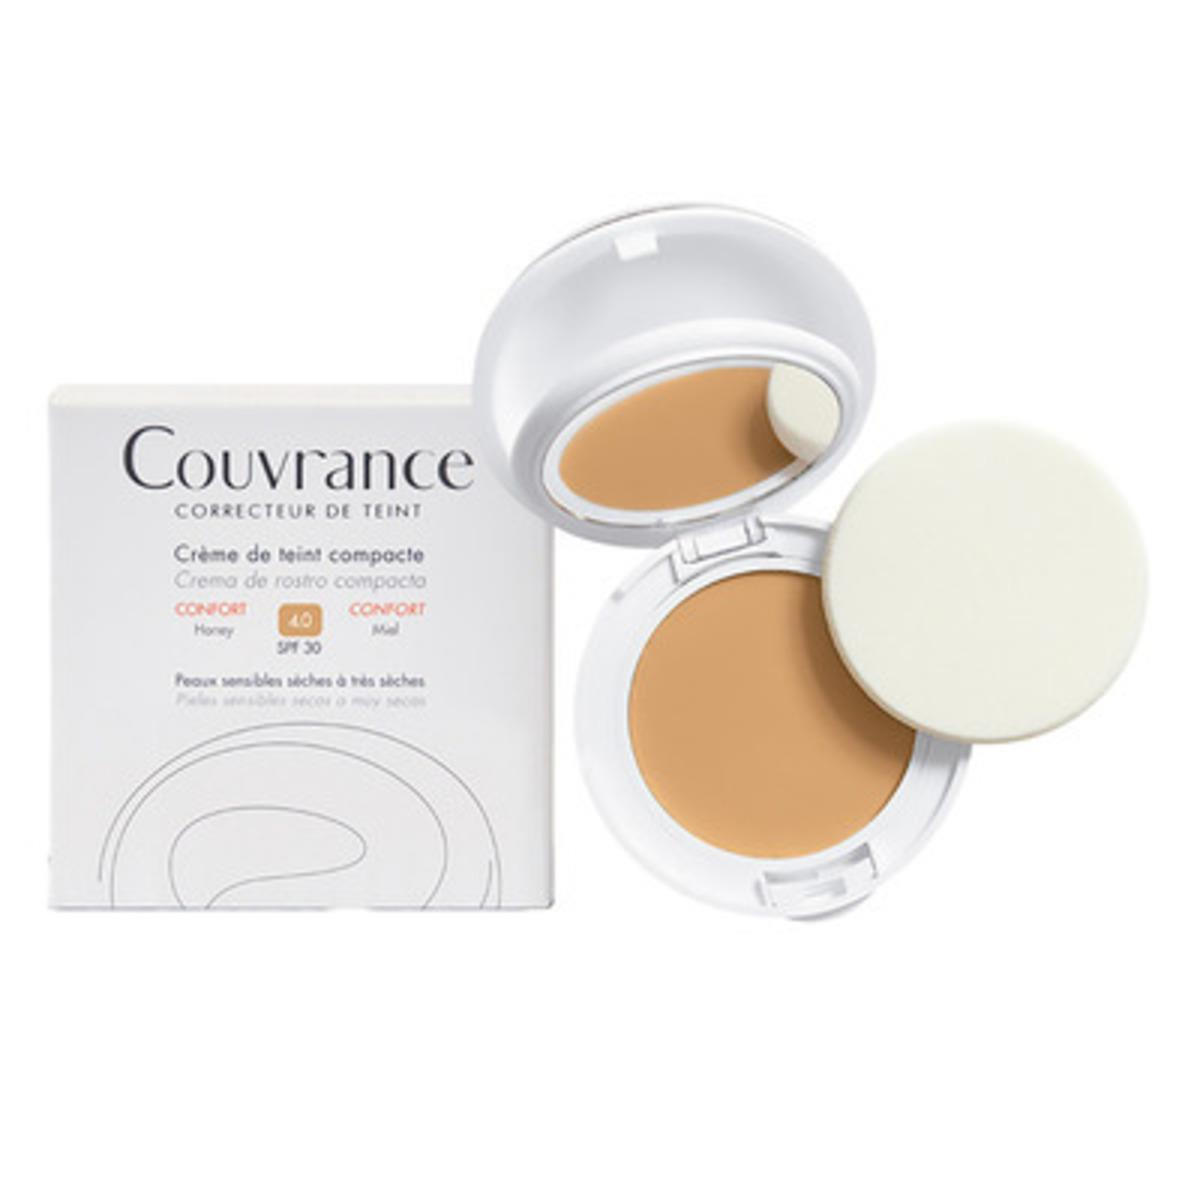 Avene Couvrance Confort Tono Miel 10G